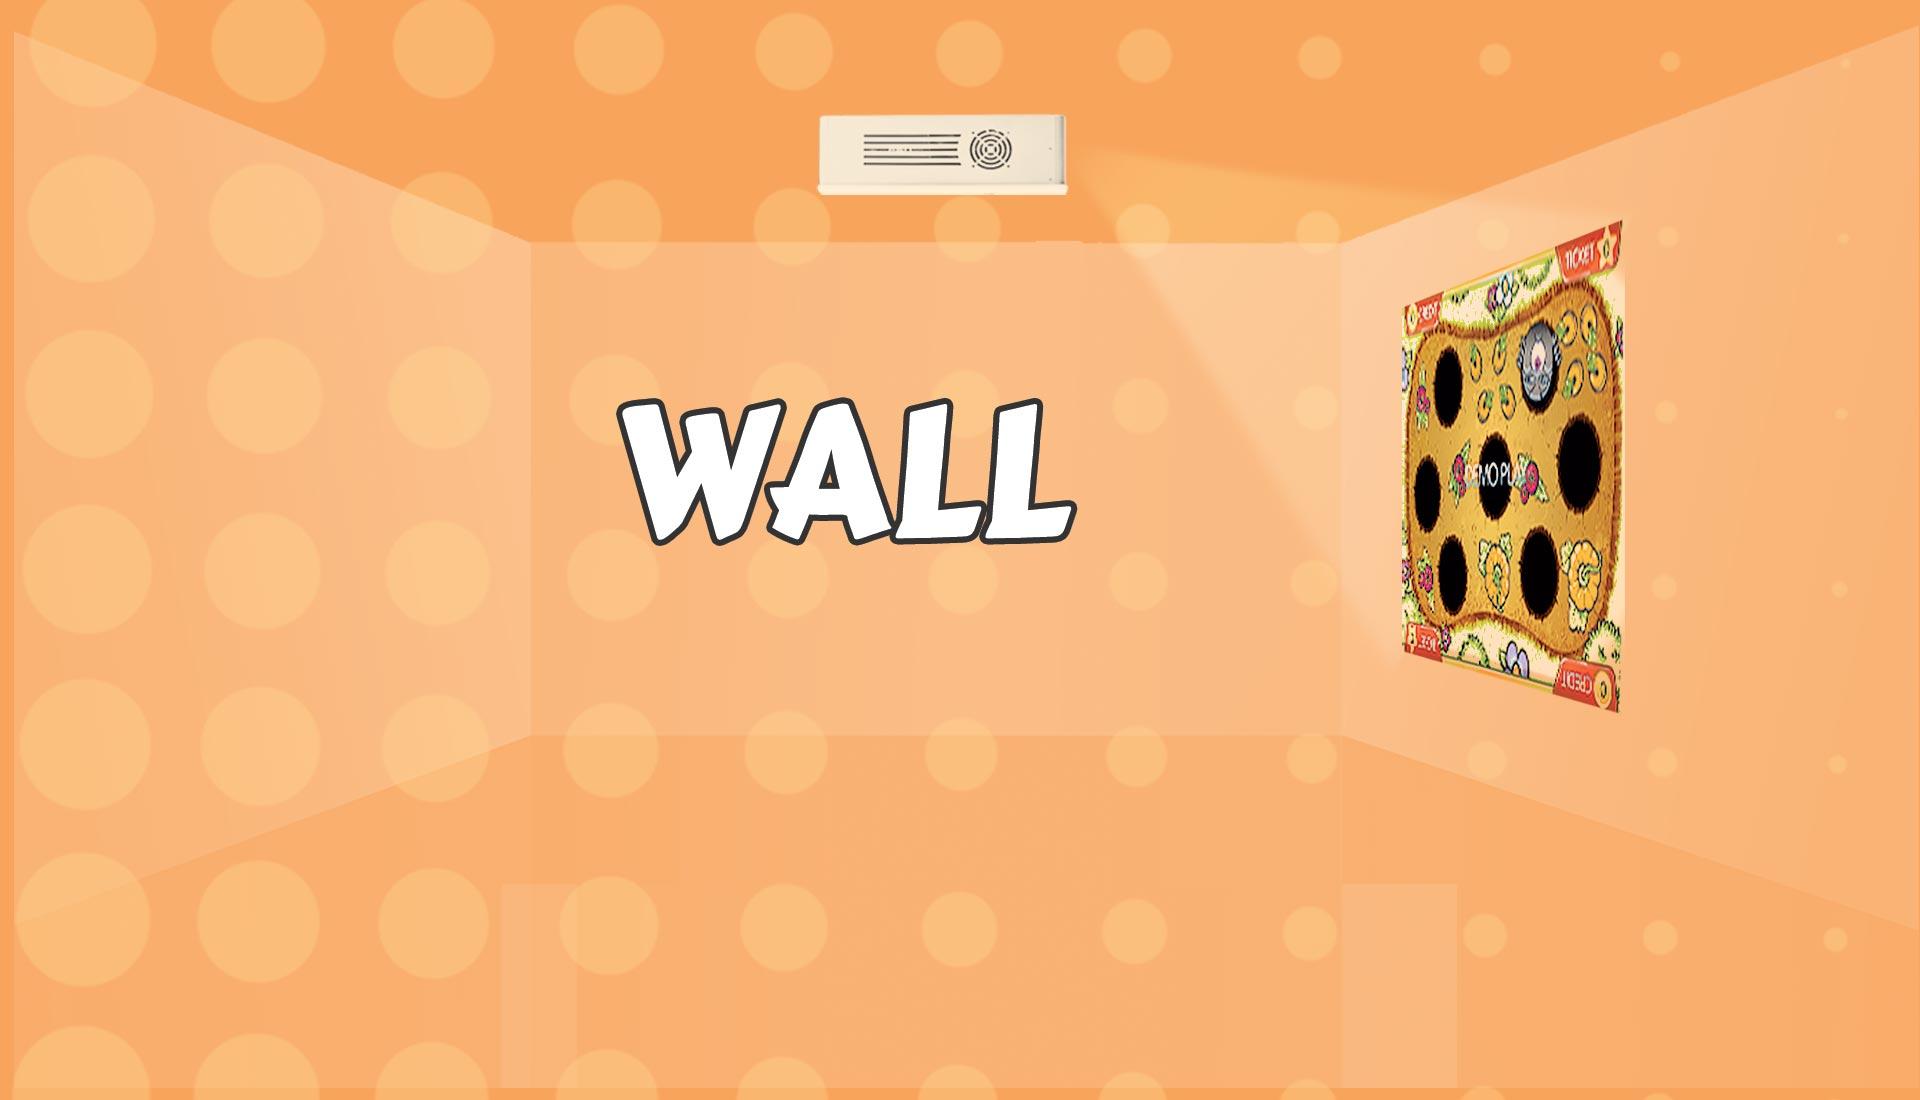 AV wall